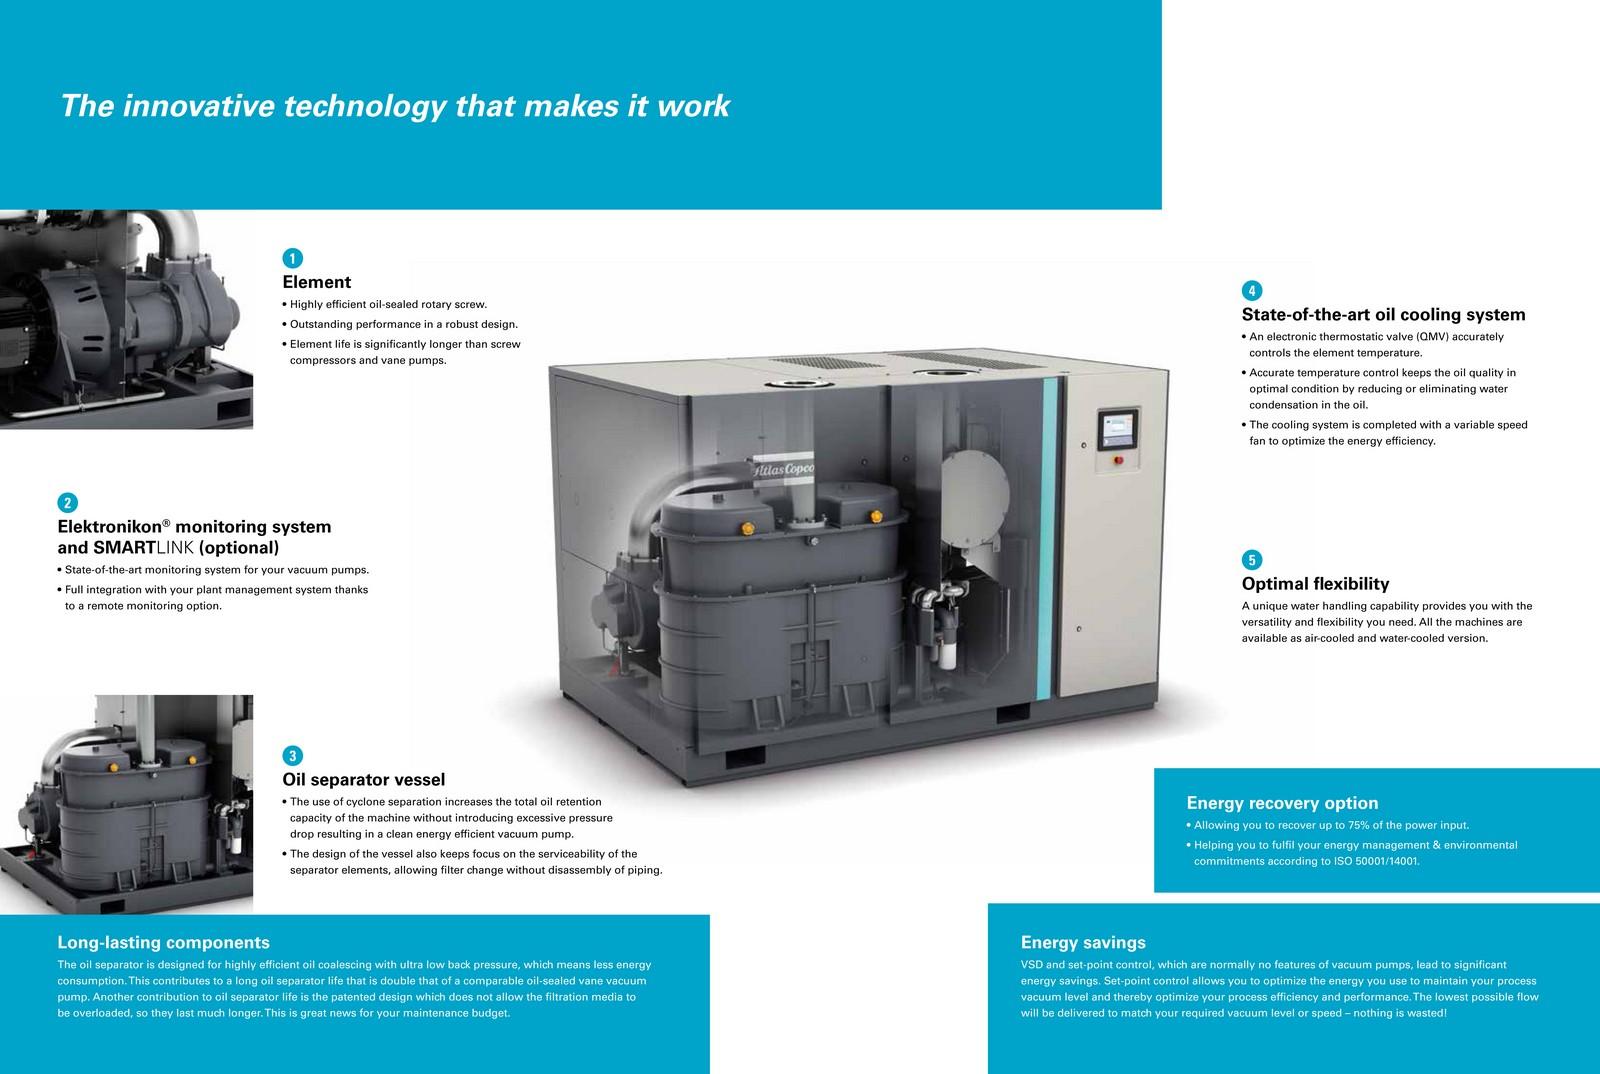 Ghs 3000 5000 Vsd Vacuum Pump Compressed Air Equipment Alternatives Wiring Diagram 0 Capacity Cfm Maximum Value 2945